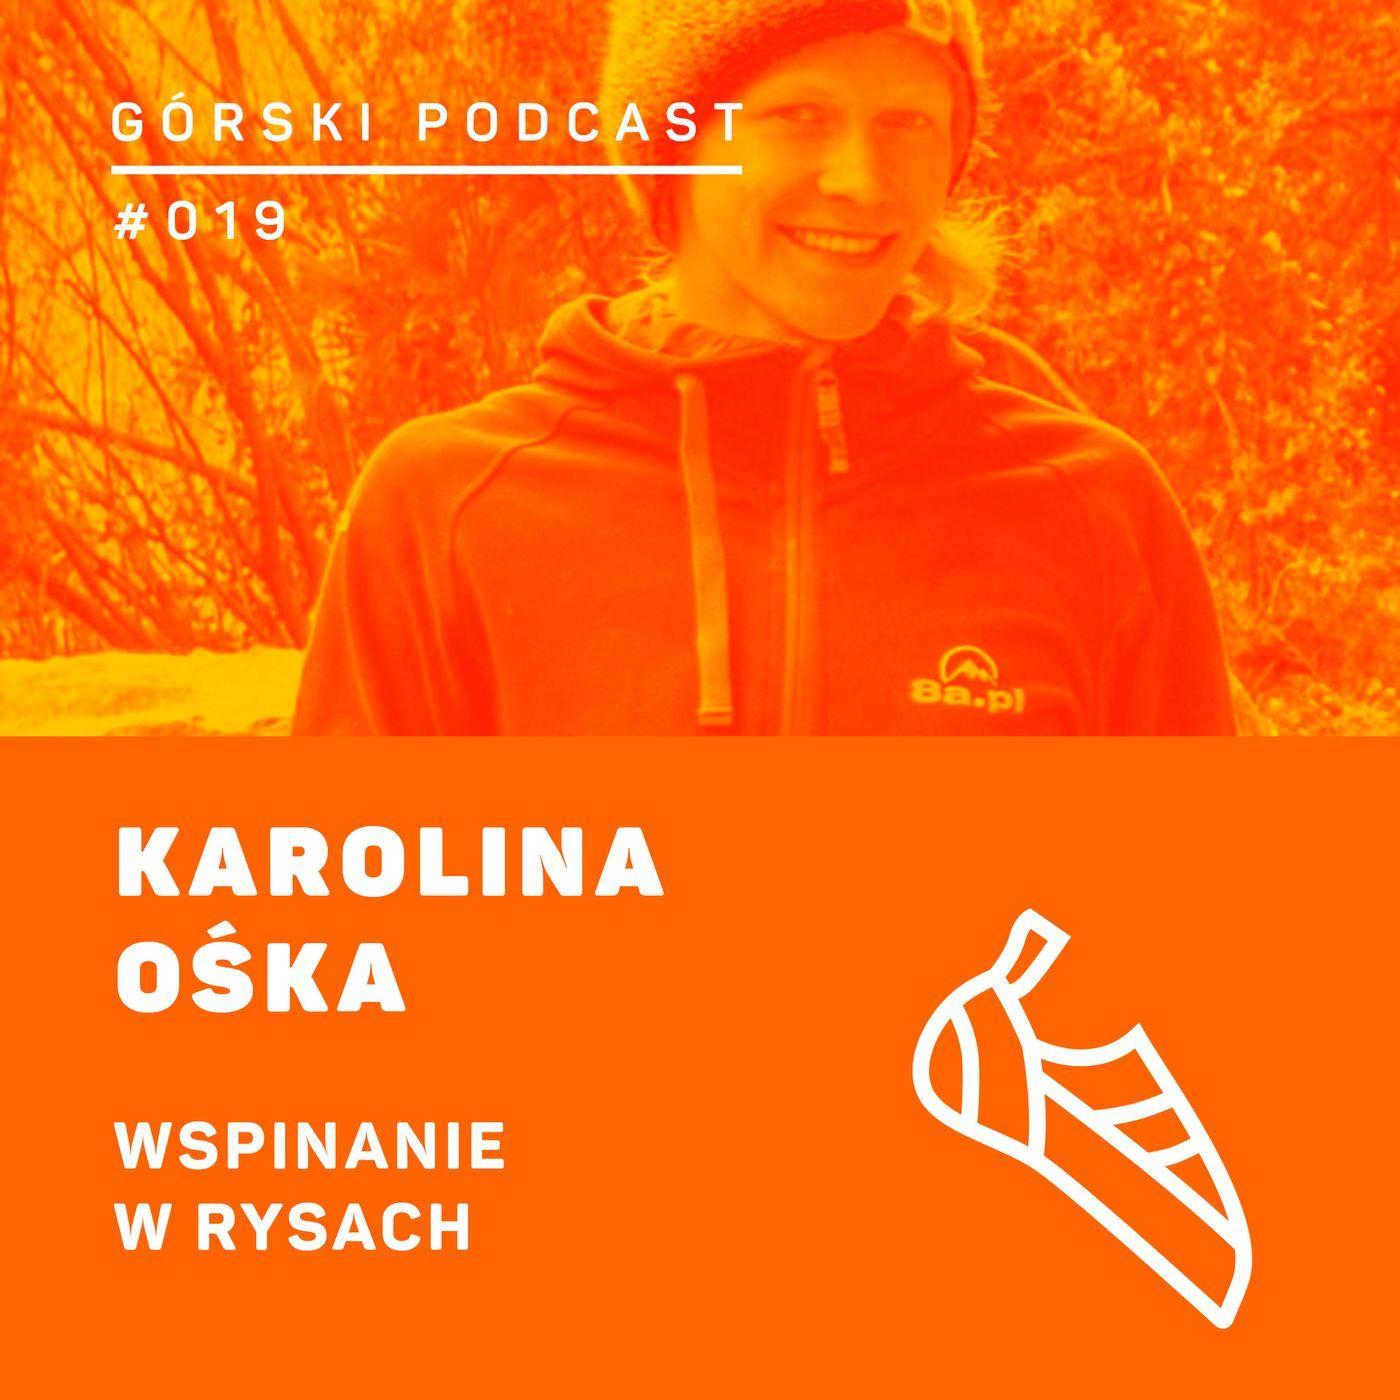 #019 8a.pl - Karolina Ośka. Wspinanie w Rysach.